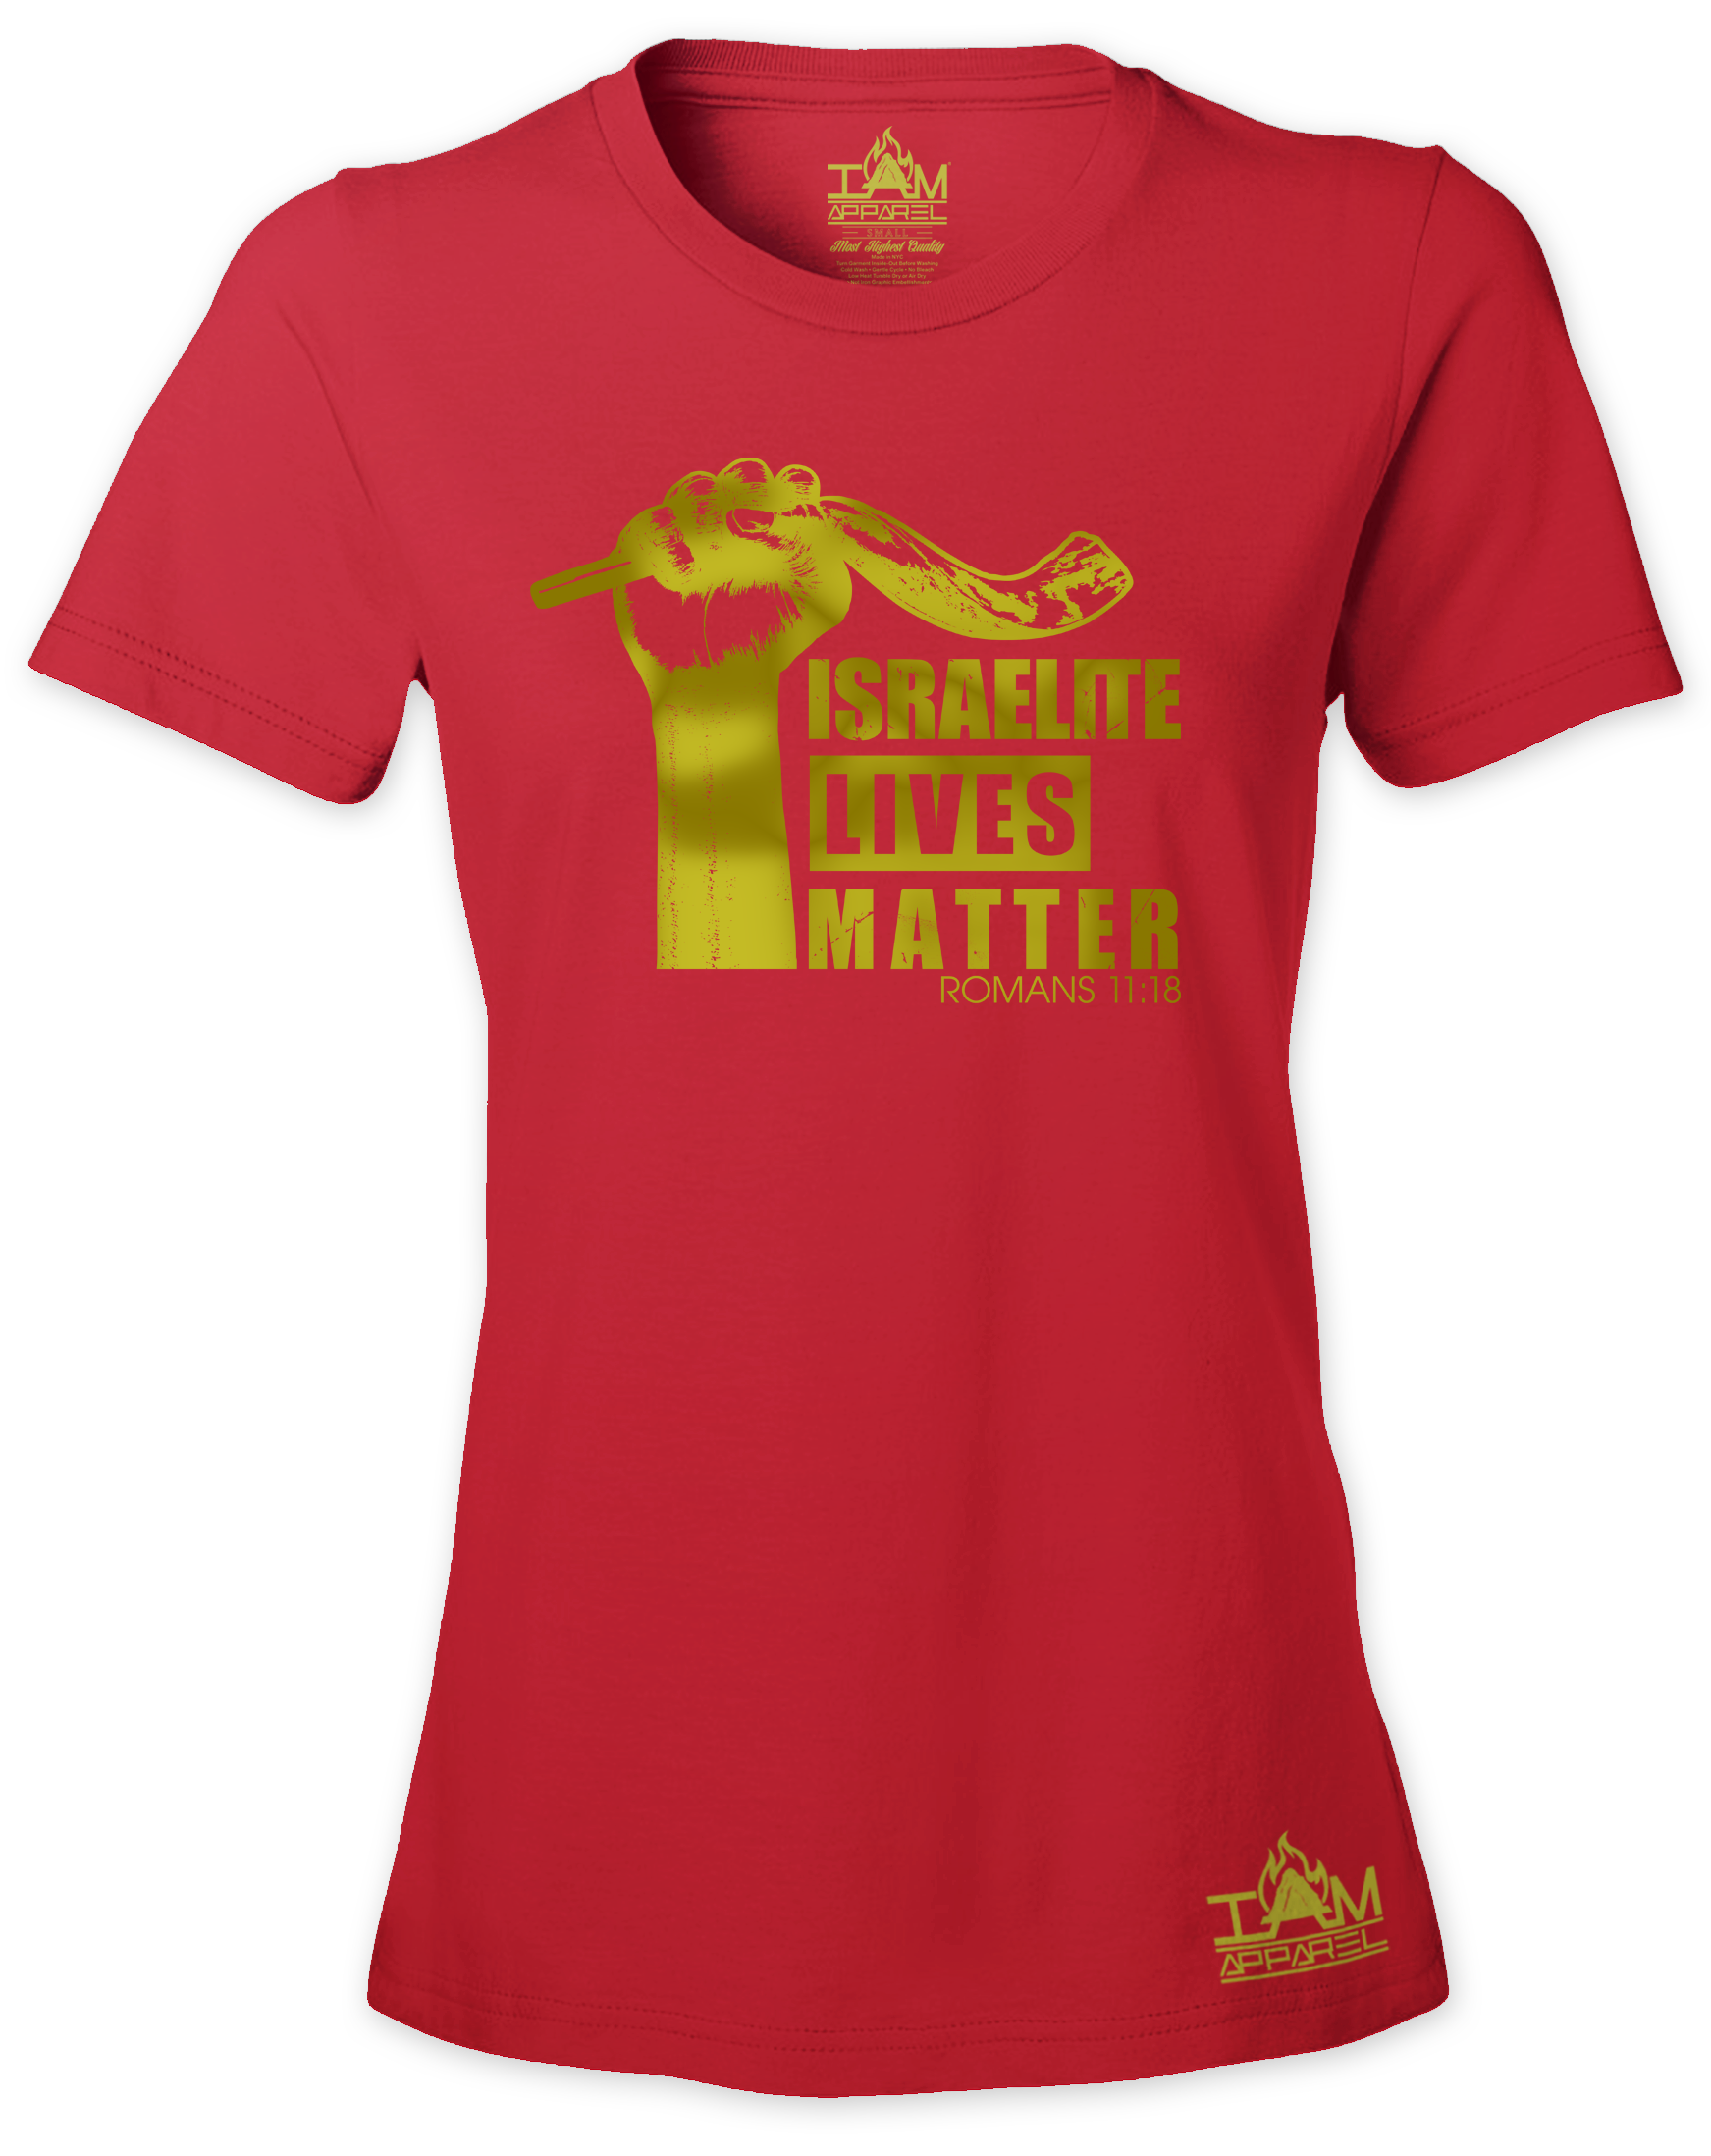 """Womens Israelite Lives Matter """"GOLDEN SERIES"""" Short Sleeved T-shirt 00036"""